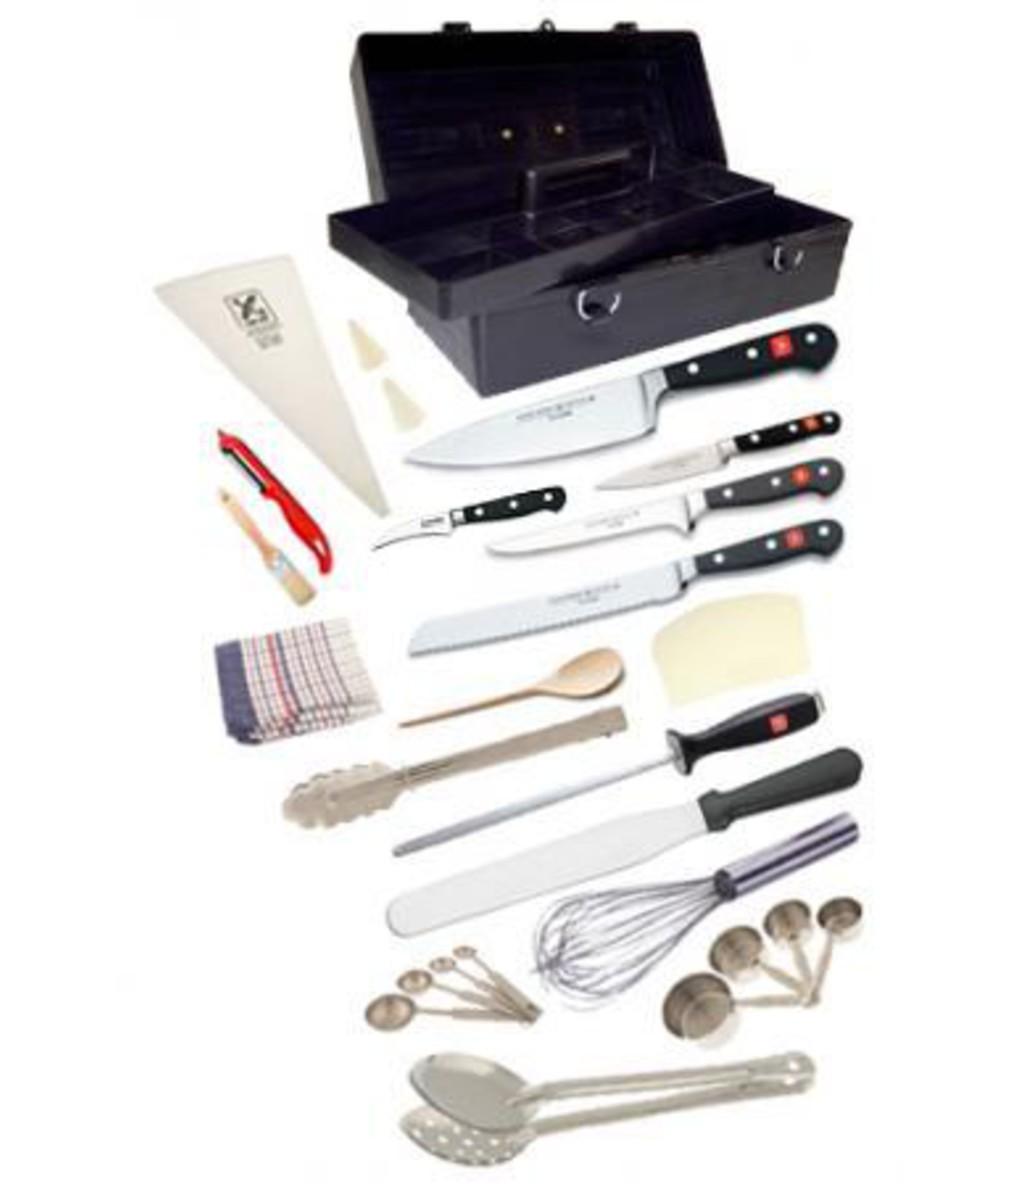 wusthof trident knife kit. Black Bedroom Furniture Sets. Home Design Ideas